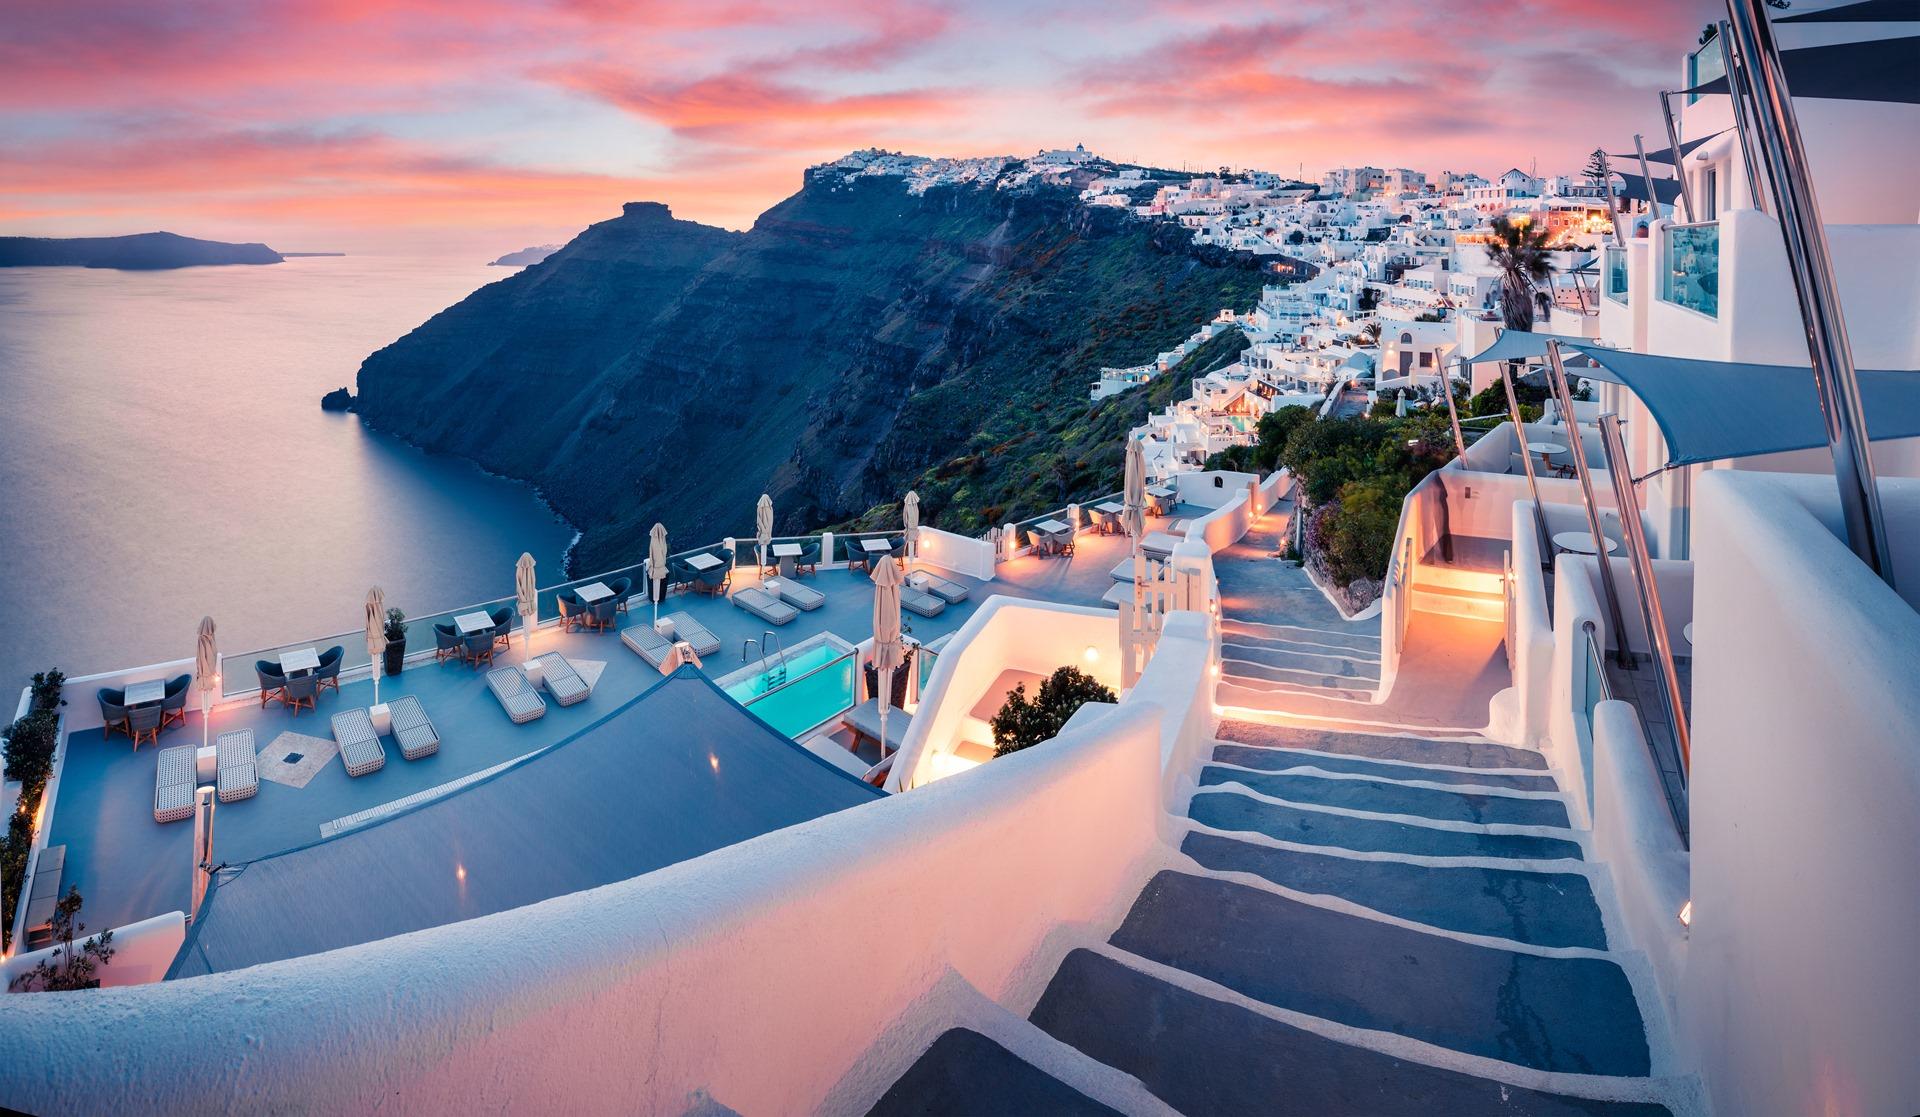 The ultimate romantic getaway! Honeymoon in Santorini, Greec